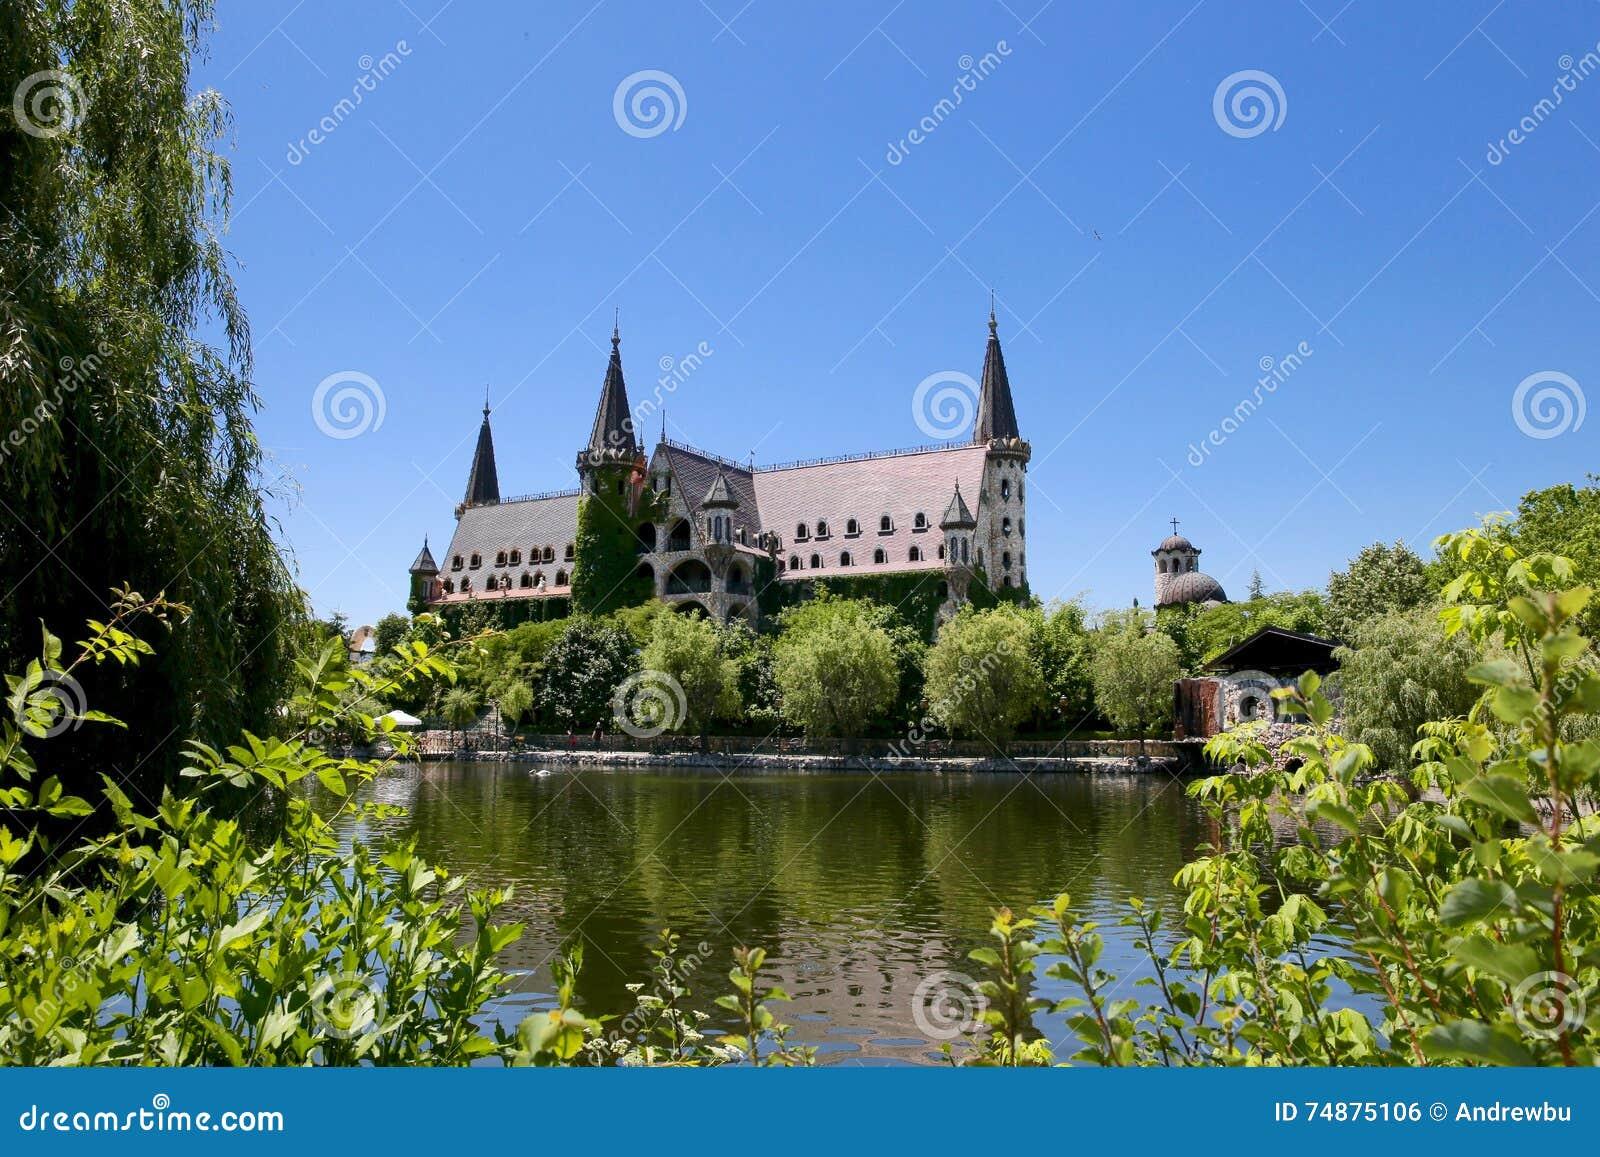 Castelo com lago